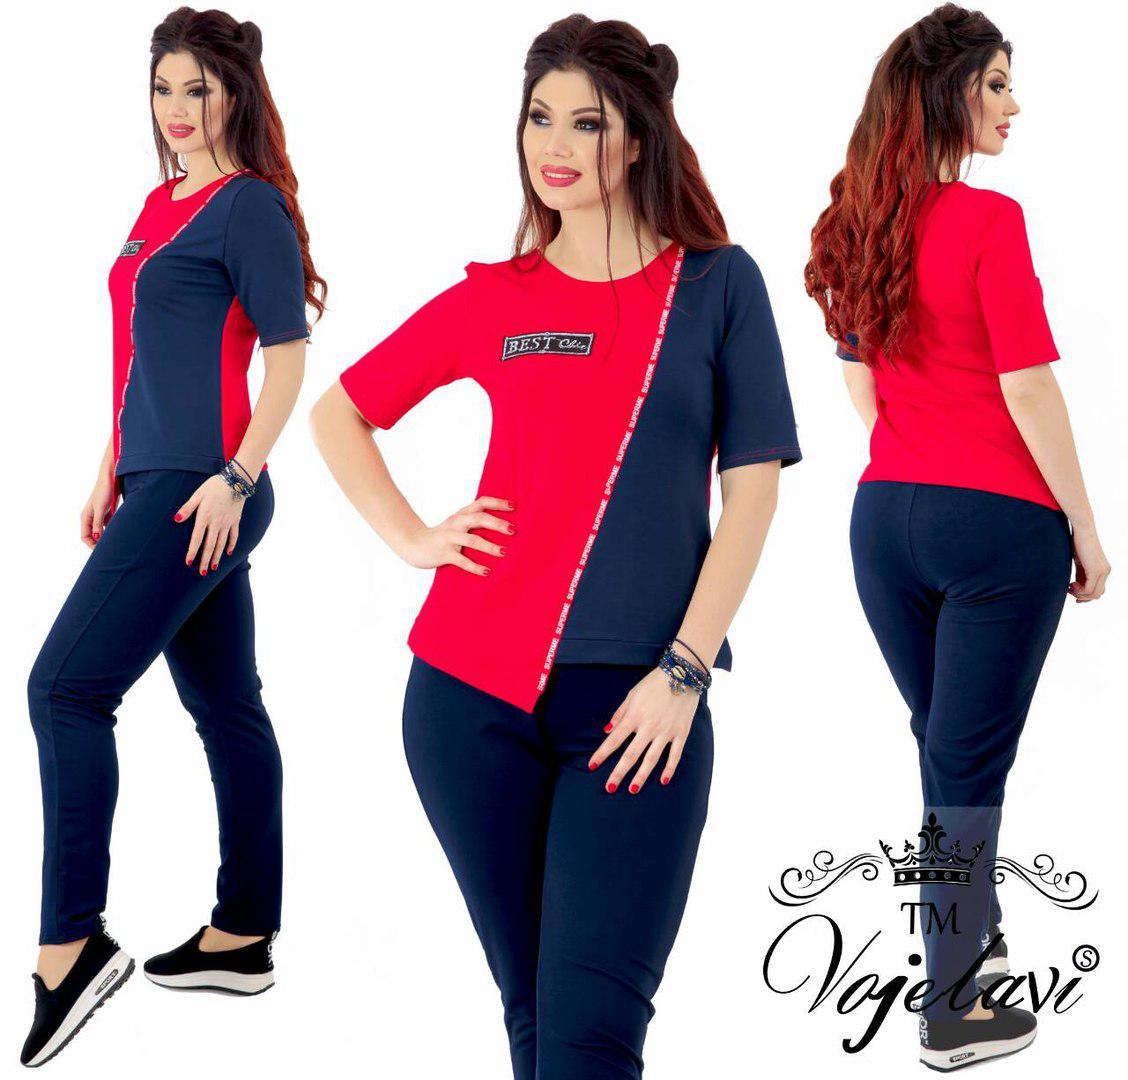 a89f6a5da4947 Женский модный спортивный костюм т.м. Vojelavi A1130G оптом и в ...